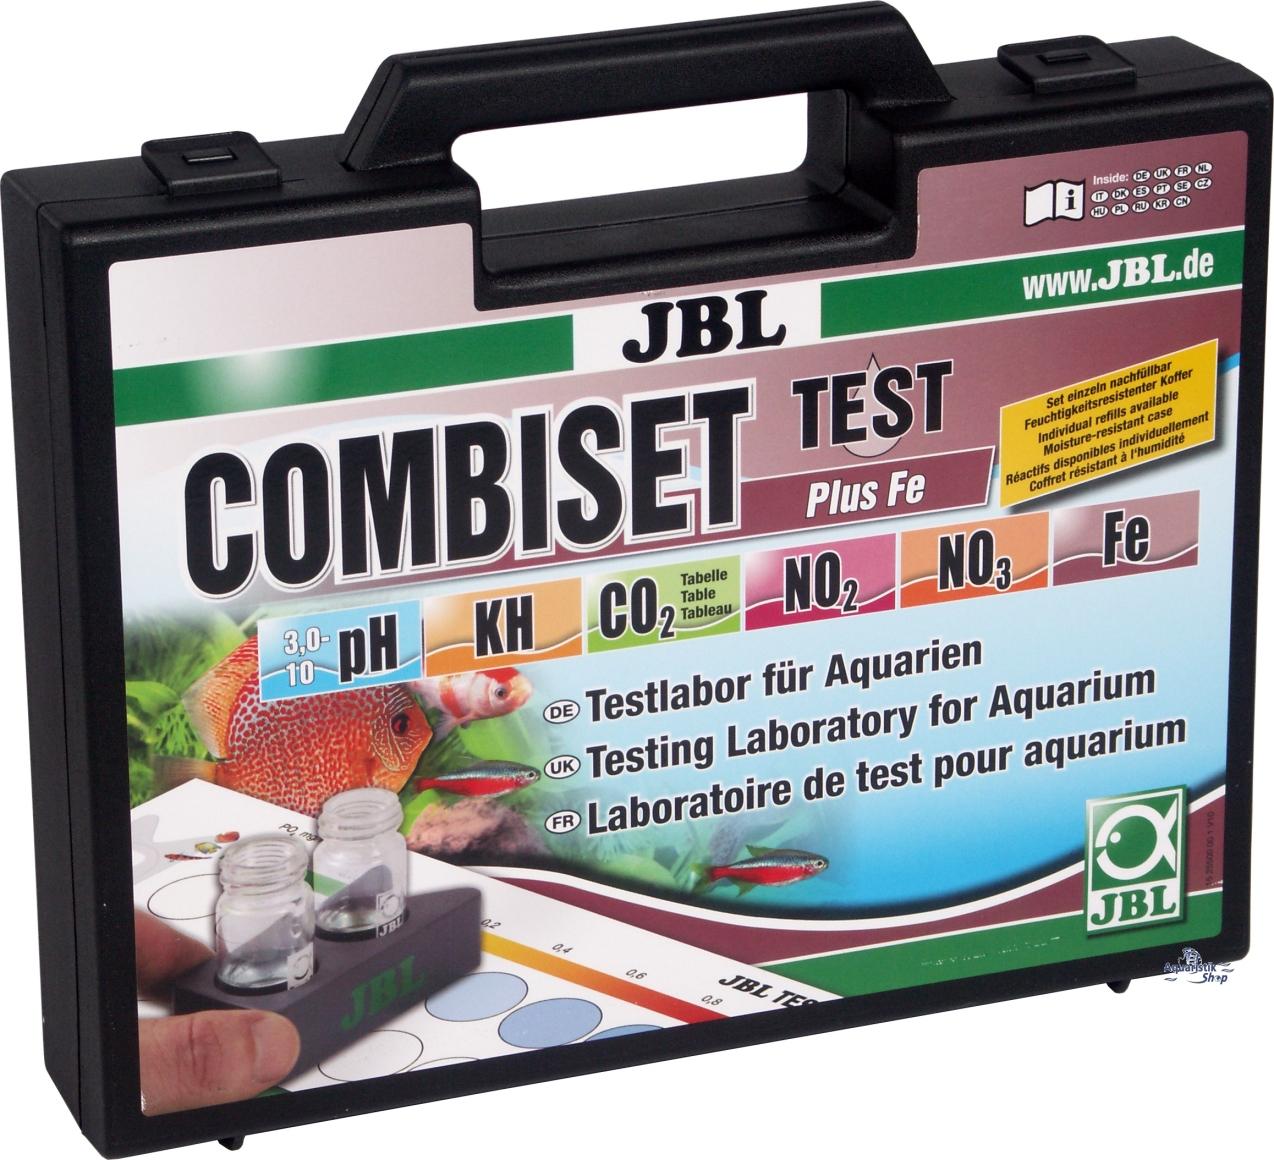 Shop JBL Test Combi-Set Plus